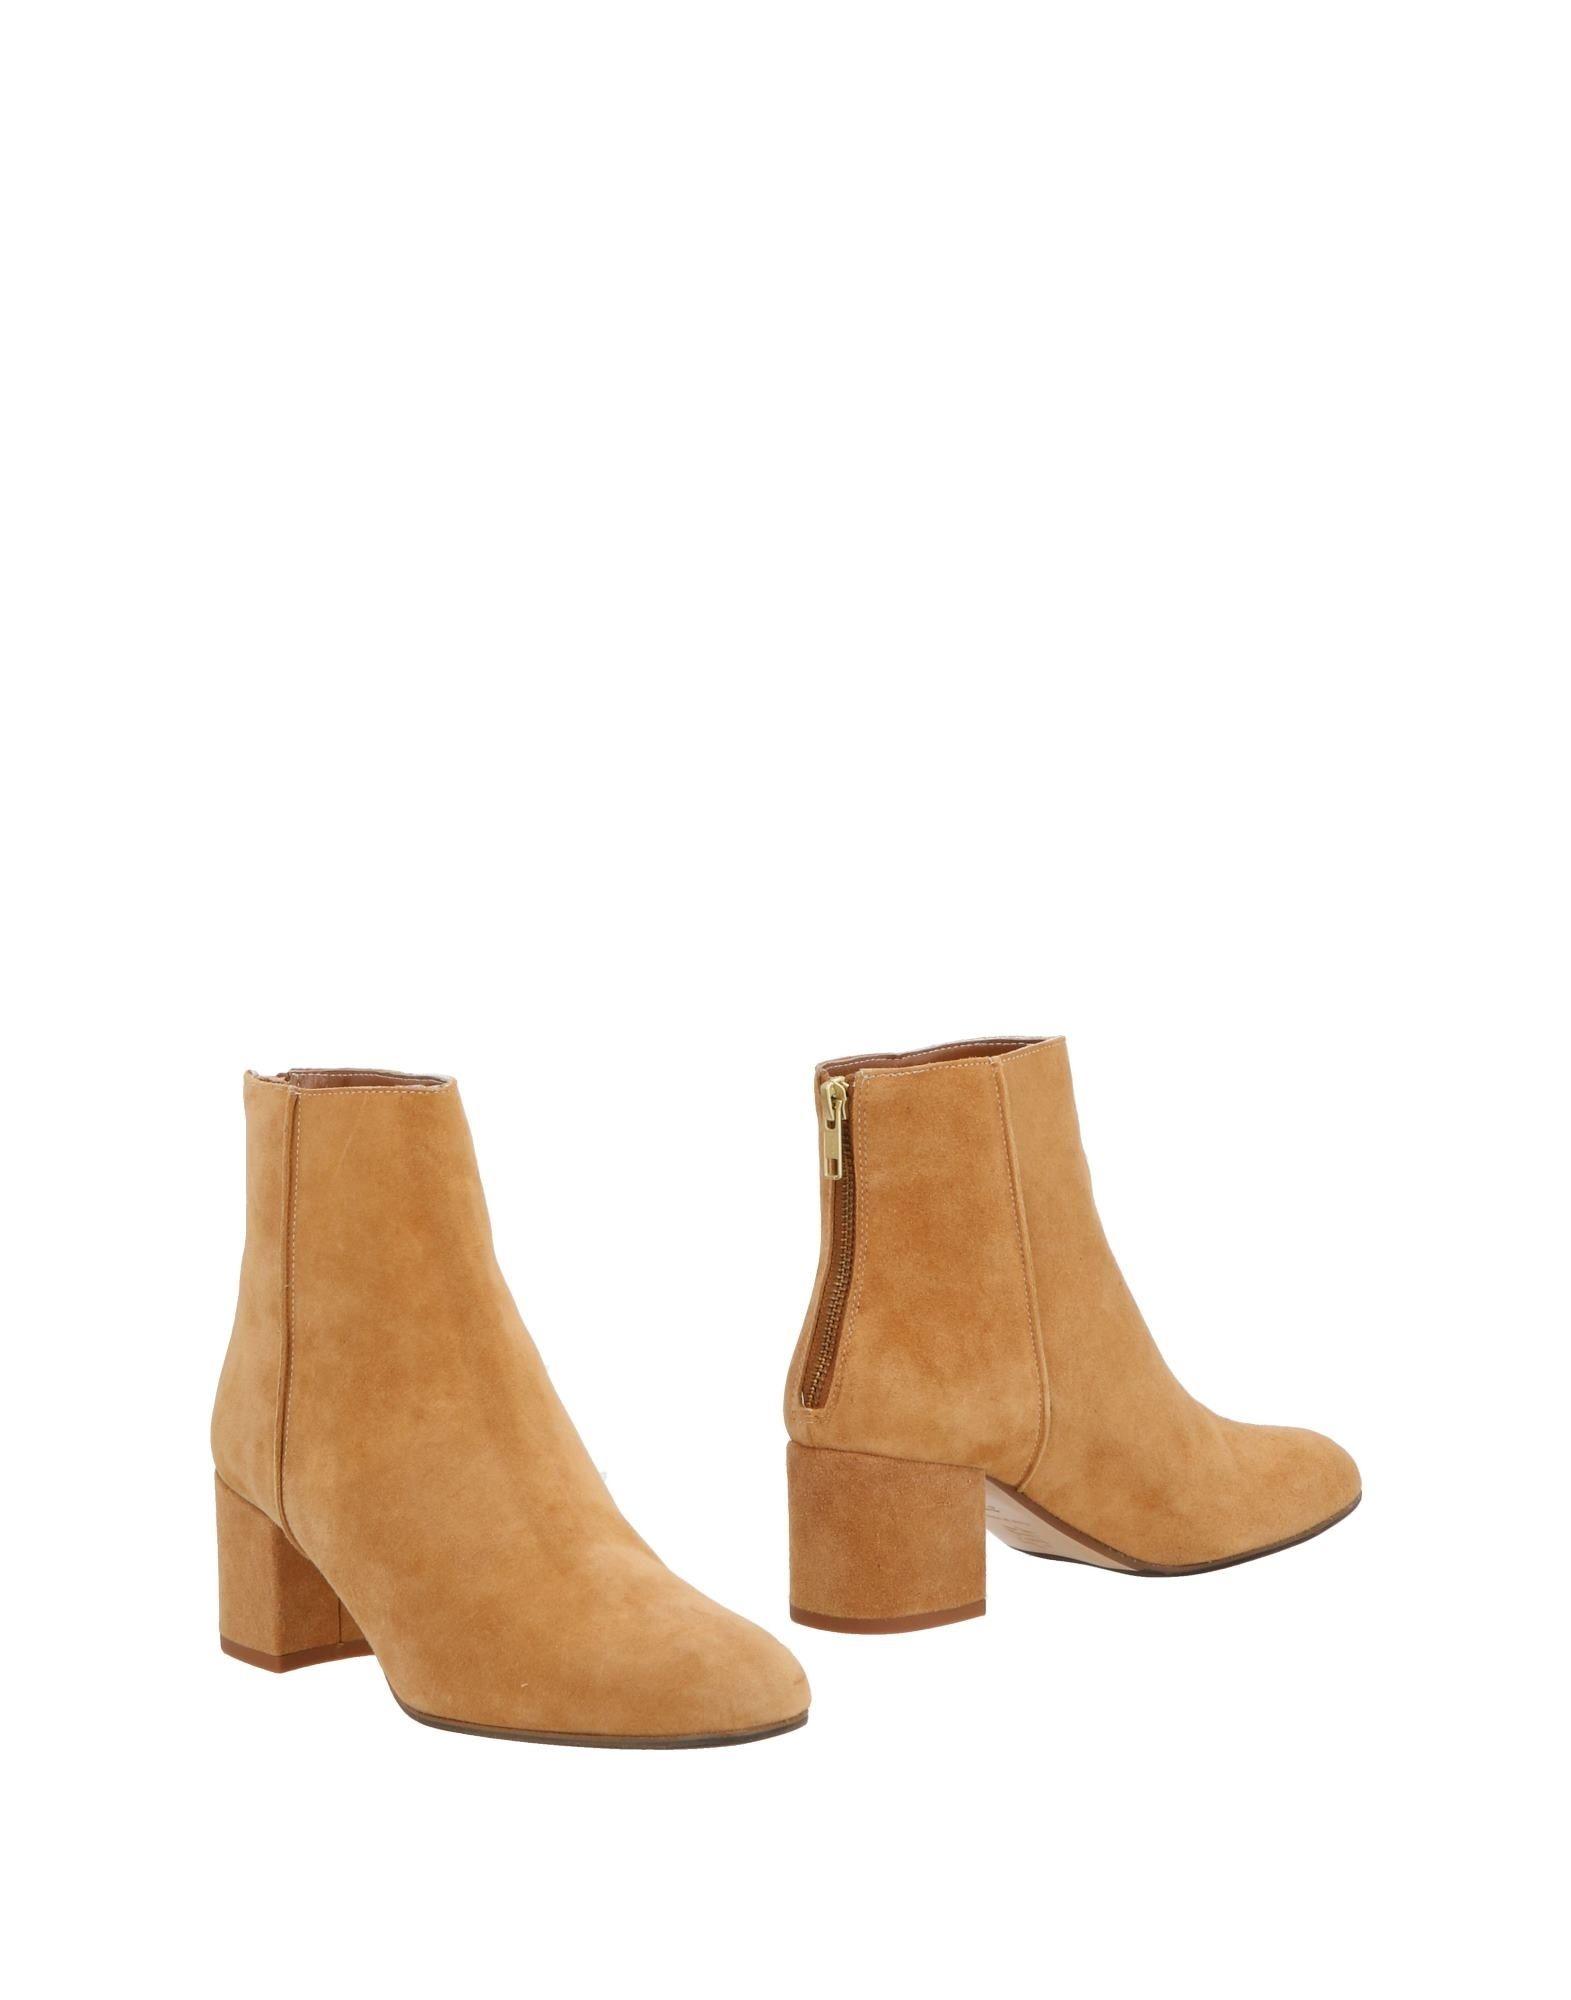 Atp Atelier Stiefelette Damen Schuhe  11493127THGut aussehende strapazierfähige Schuhe Damen 80b20c